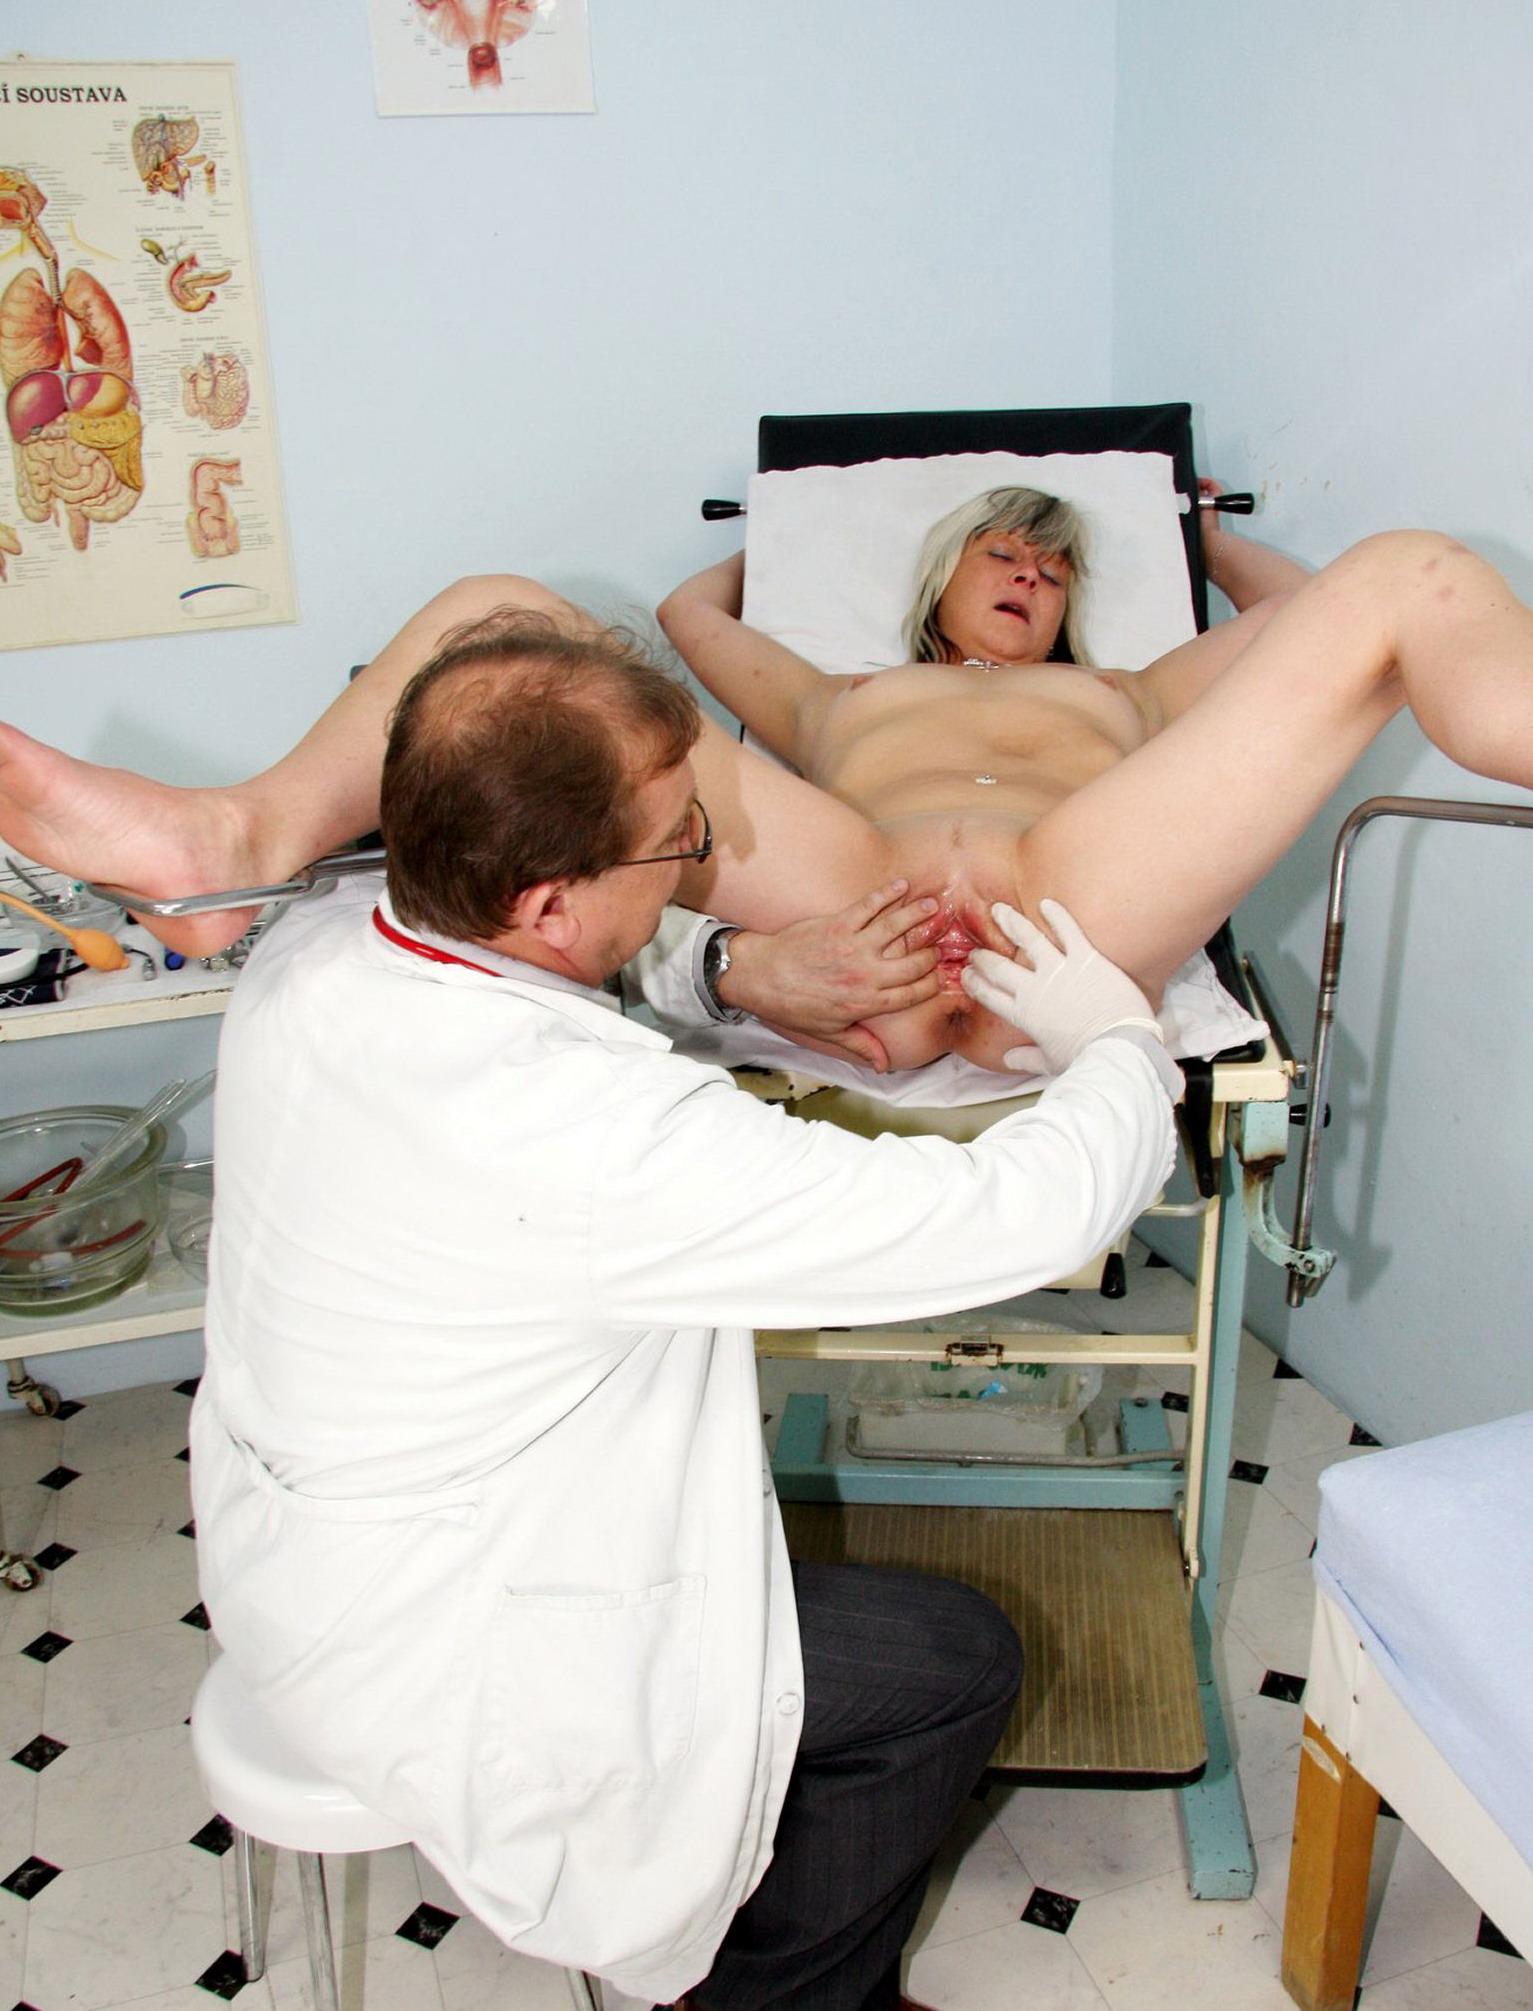 Фото зрелая женщина на приёме у гинеколога фото 19 фотография